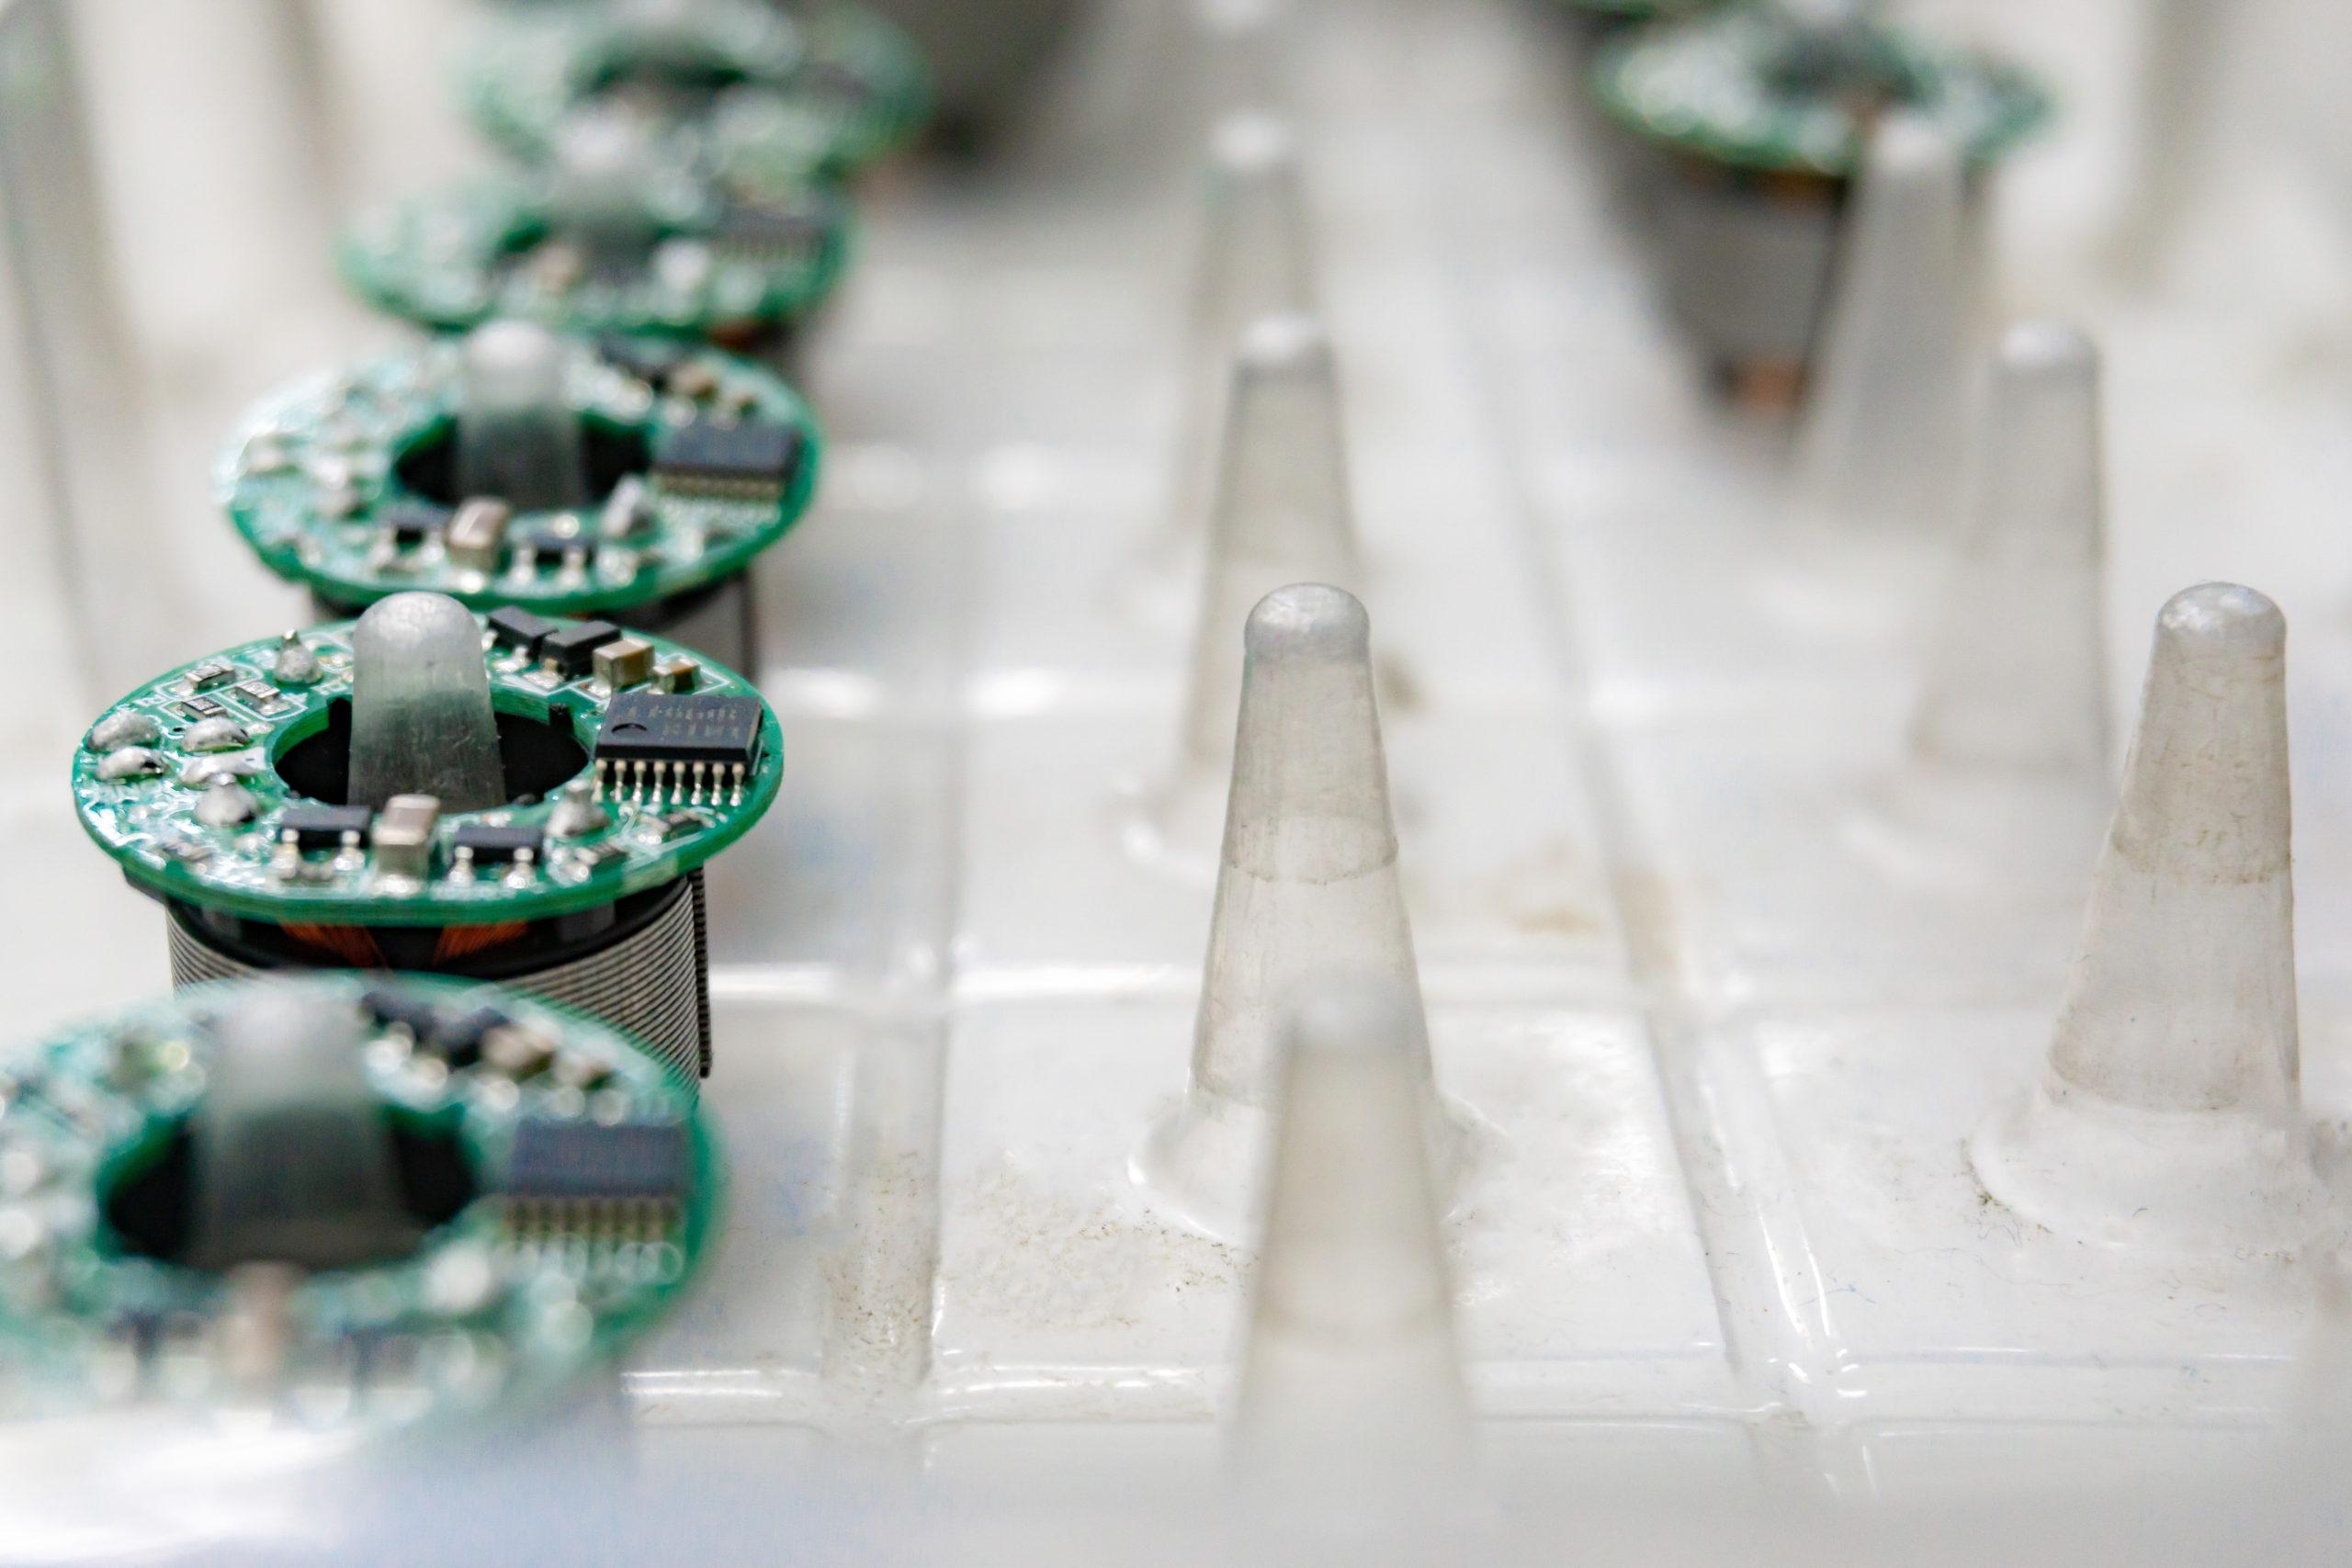 ValoTec et Matra Électronique s'unissent